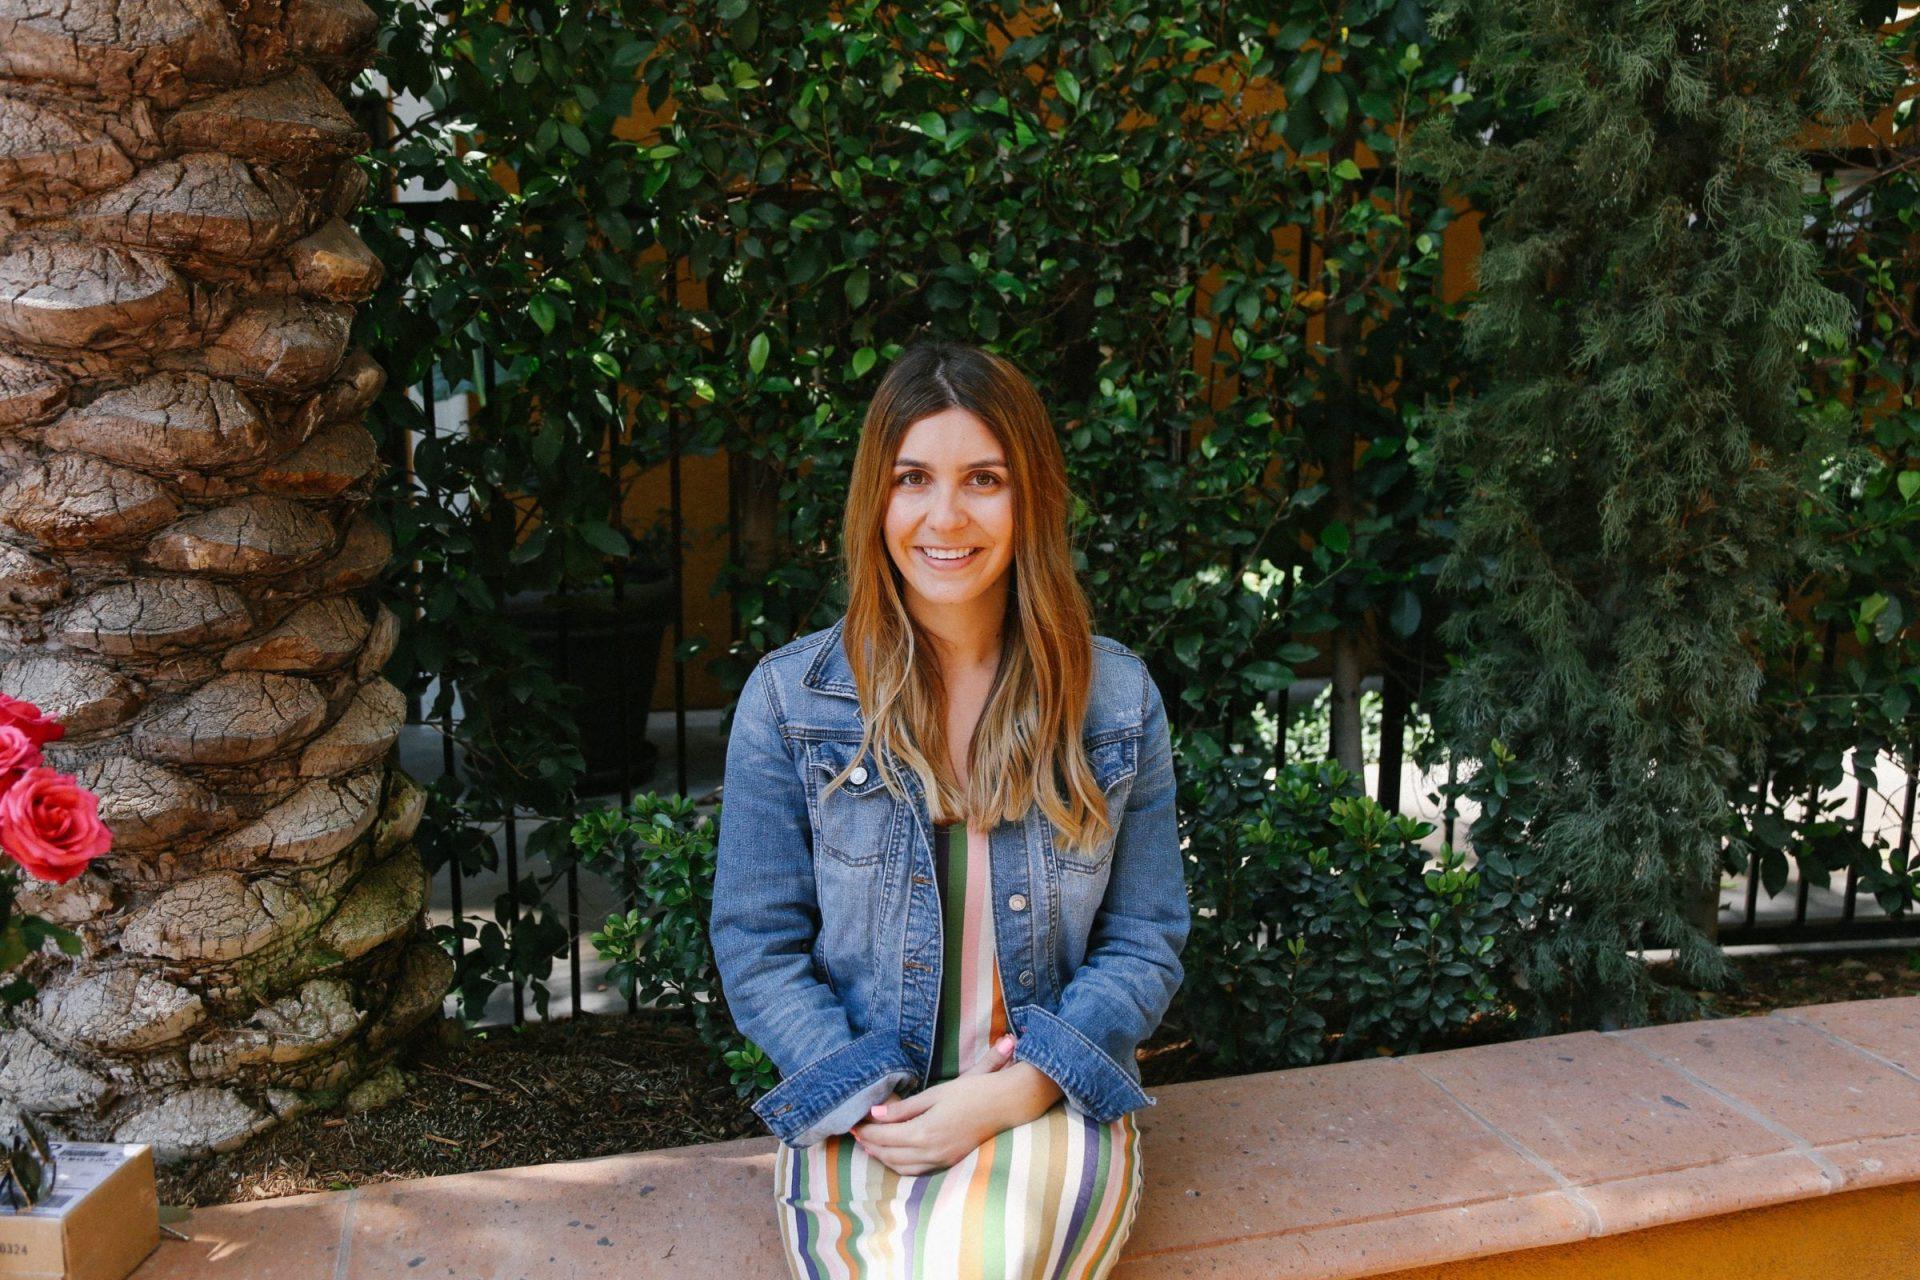 Charlotte Silverstein